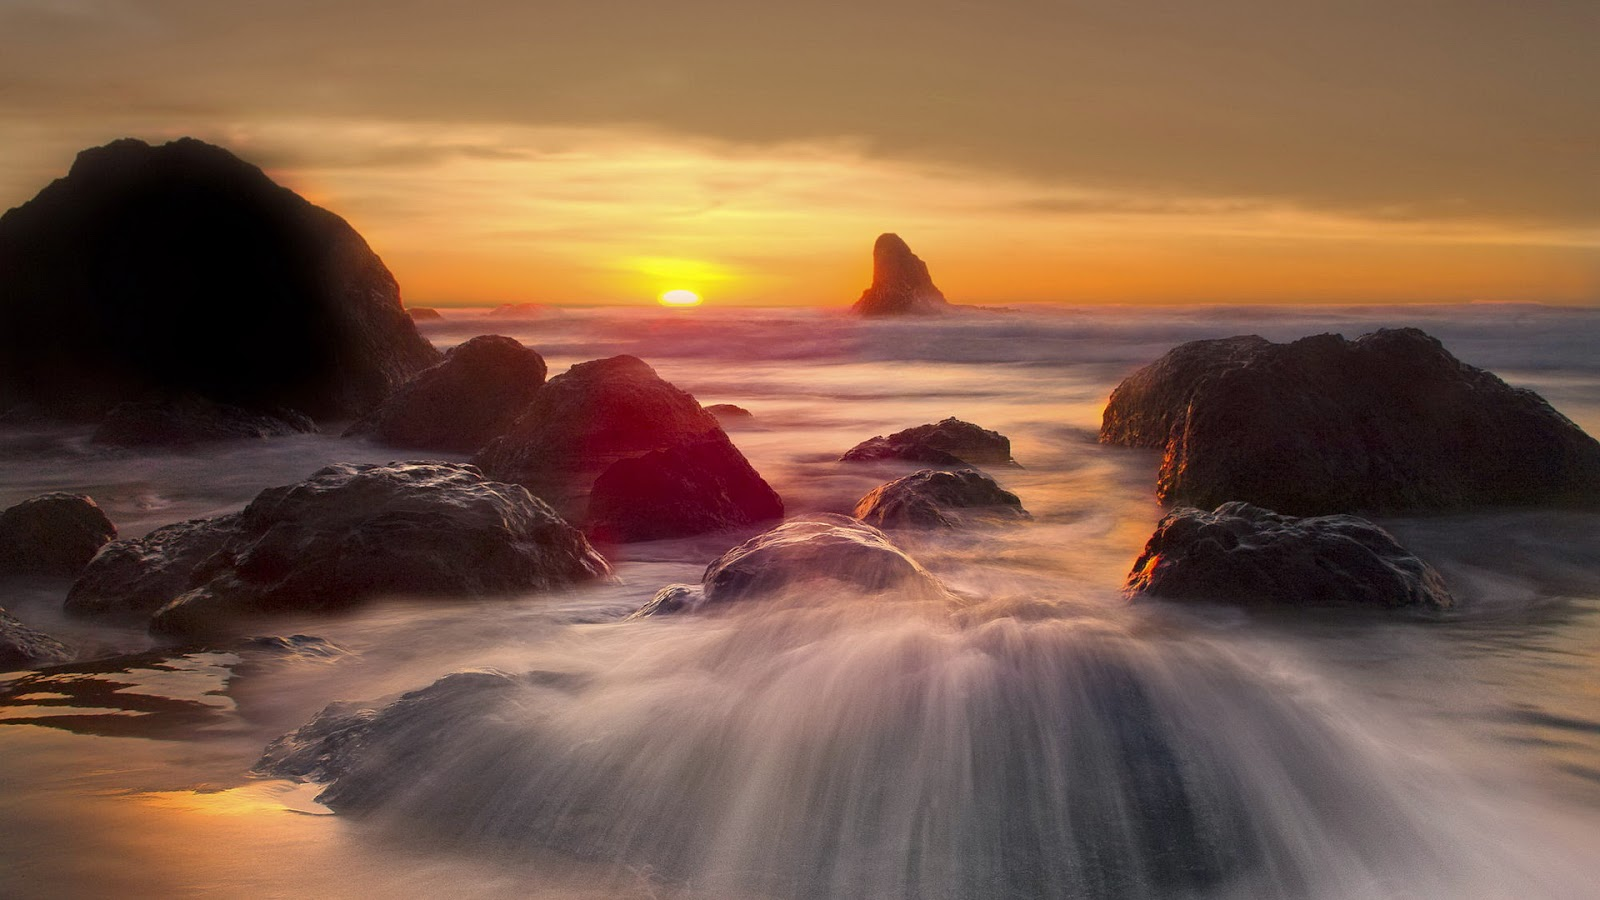 Zonsondergang met rotsen in zee 's avonds